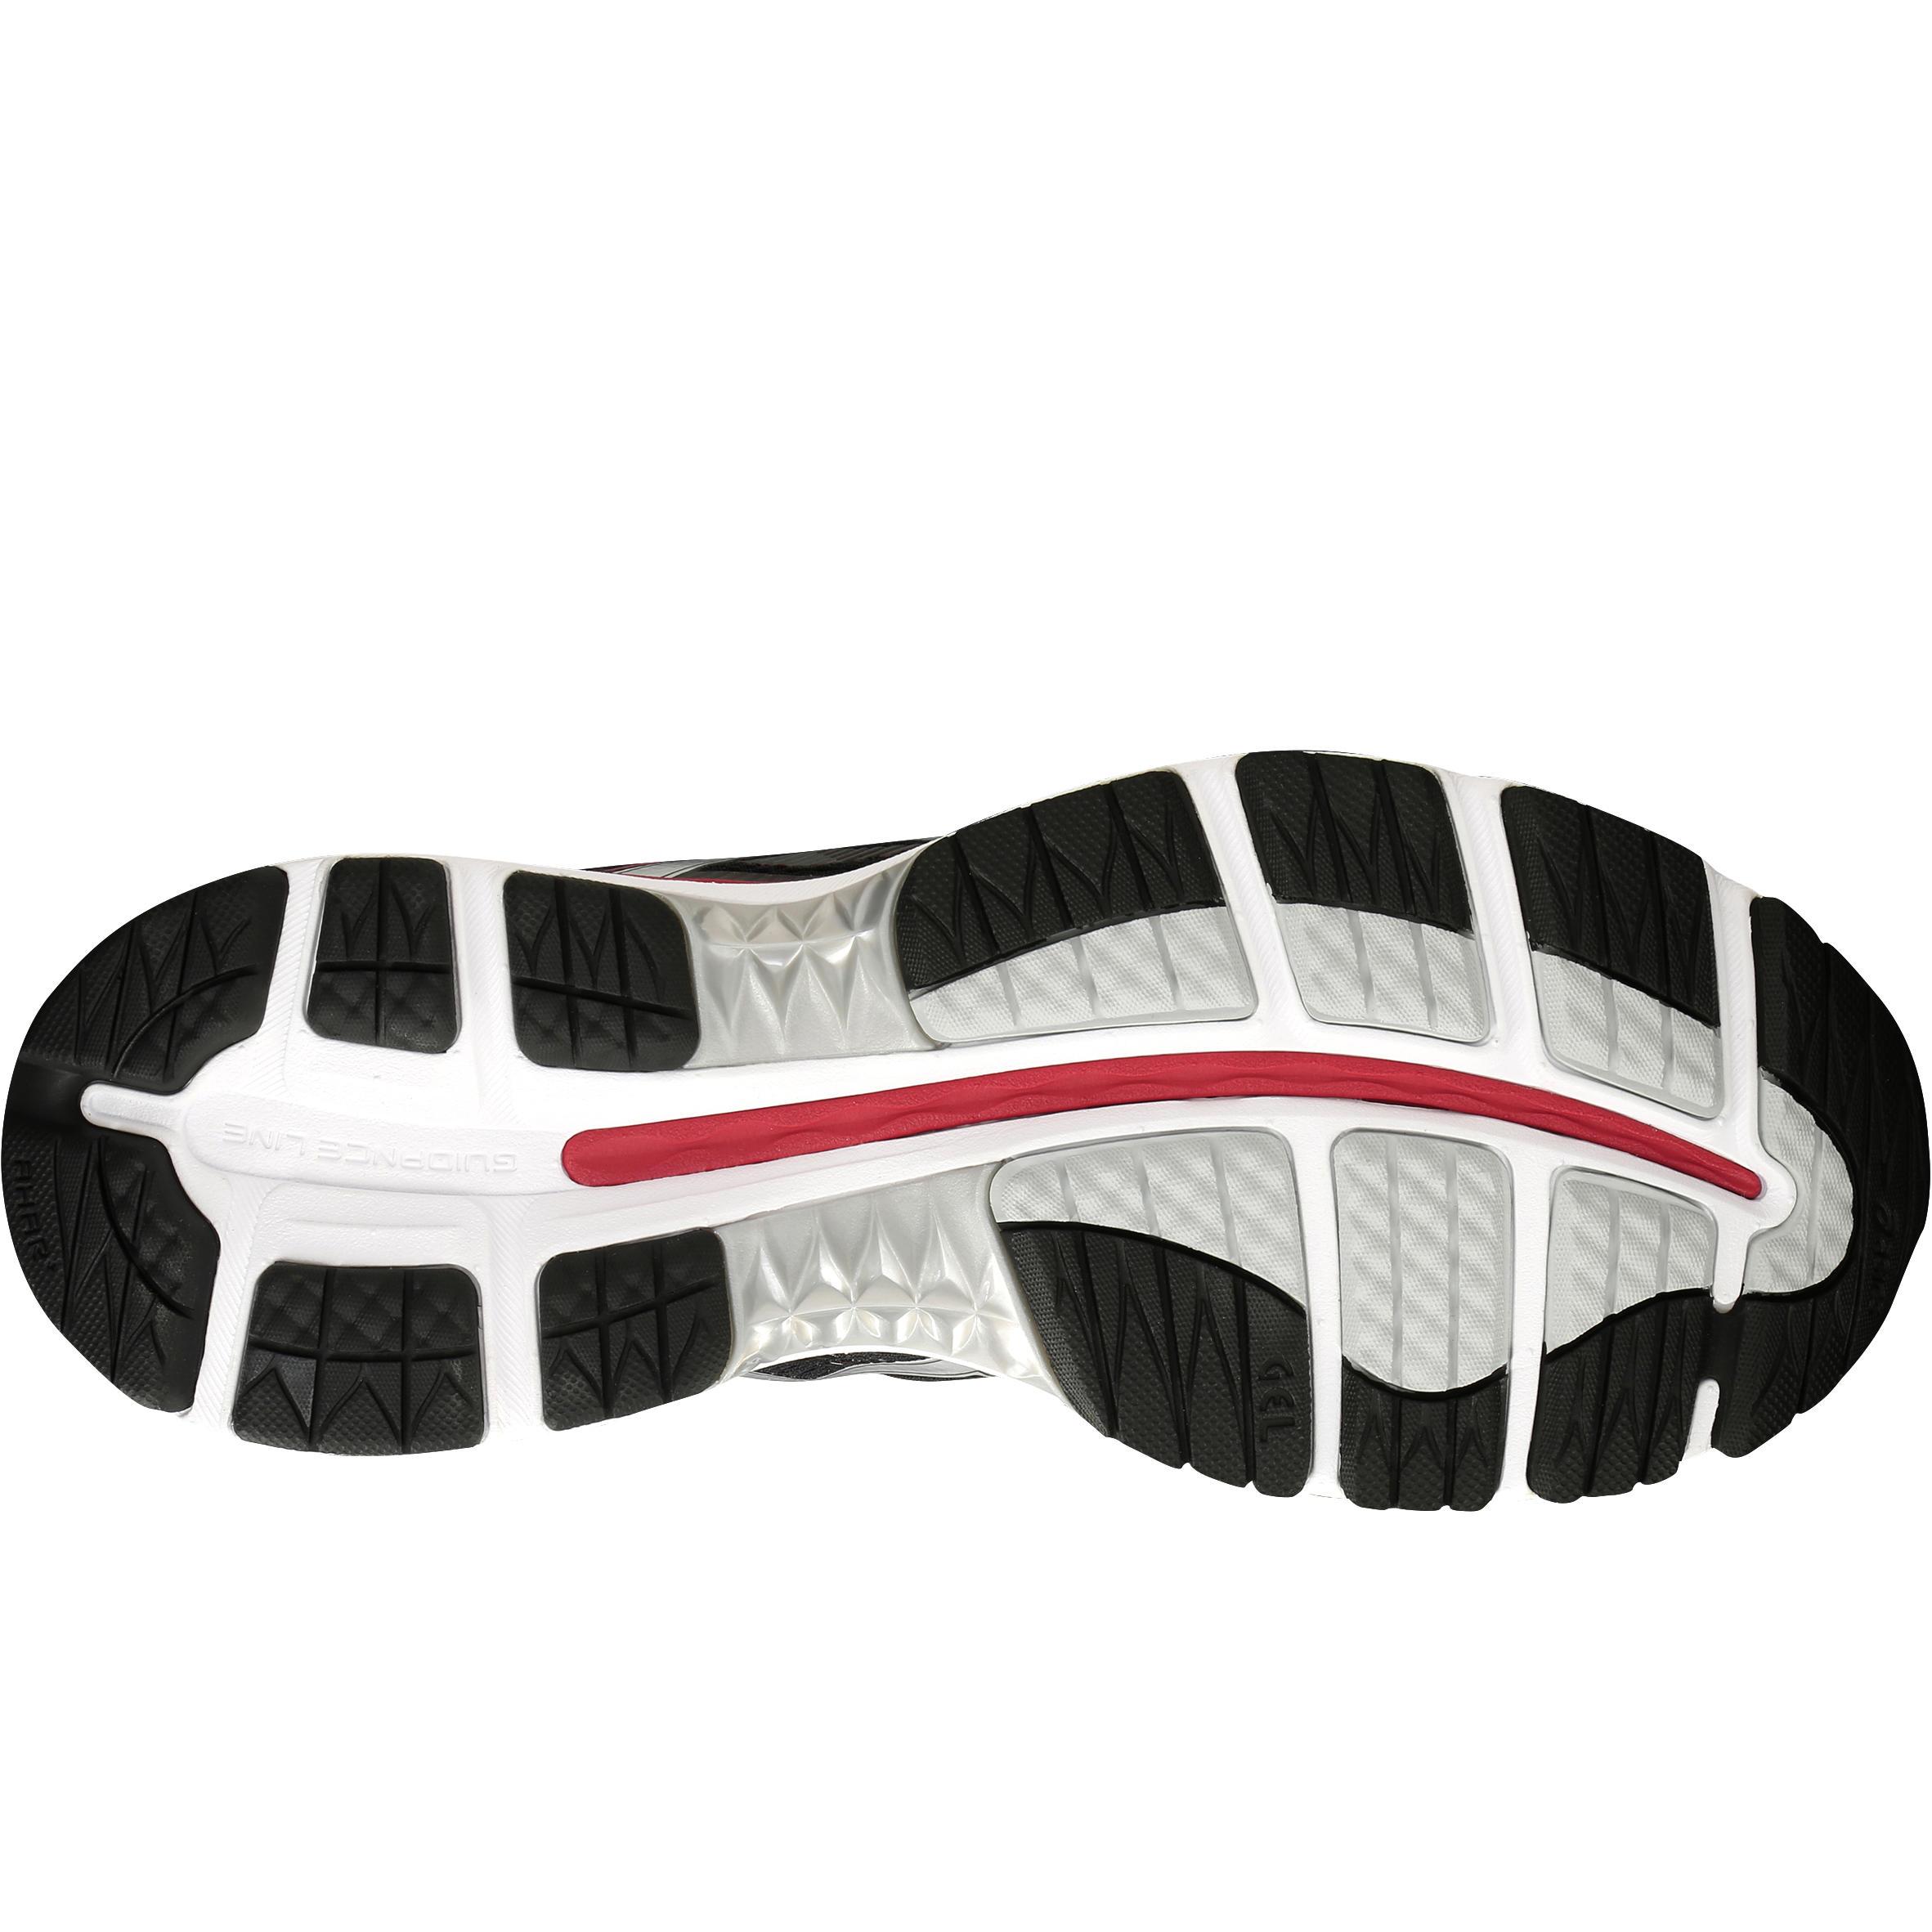 Asics Gel De Chaussure Running Rouge Ziruss Homme Noir nwP80Ok